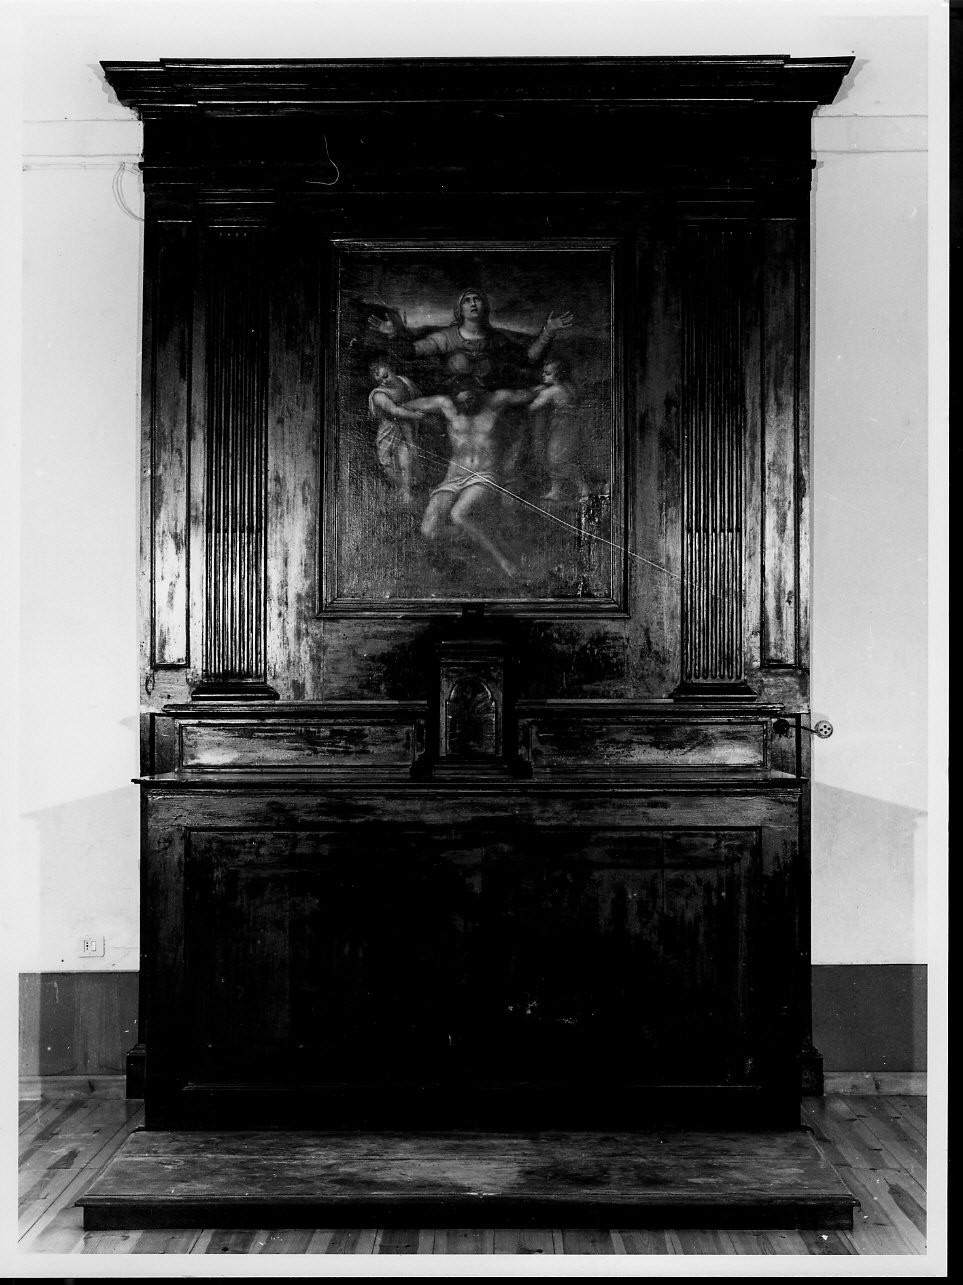 Cristo in pietà sorretto da angeli (altare, insieme) - ambito ligure, bottega ligure (sec. XVII)